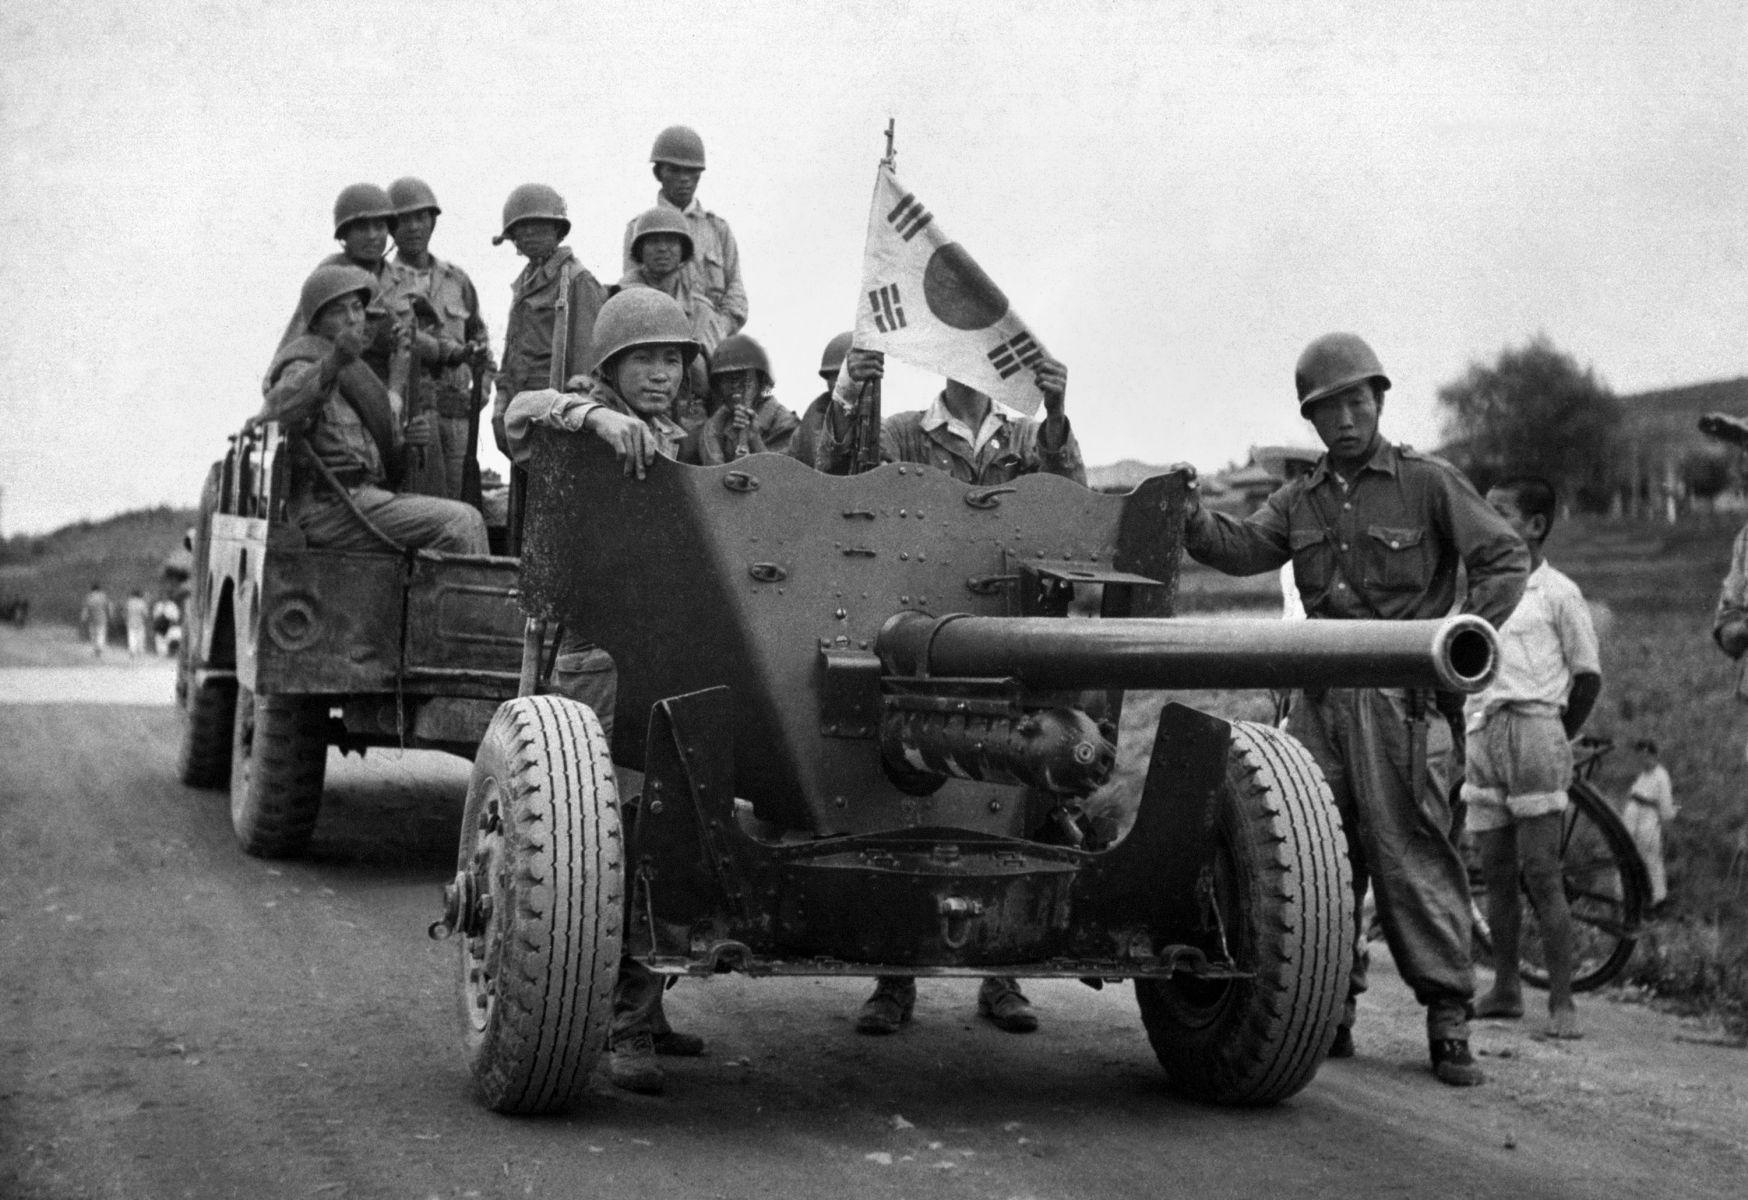 「美國放話不惜動武 是避免台海戰火最佳選項」 為何前白宮高官這麼說? 要從72年前這危機說起